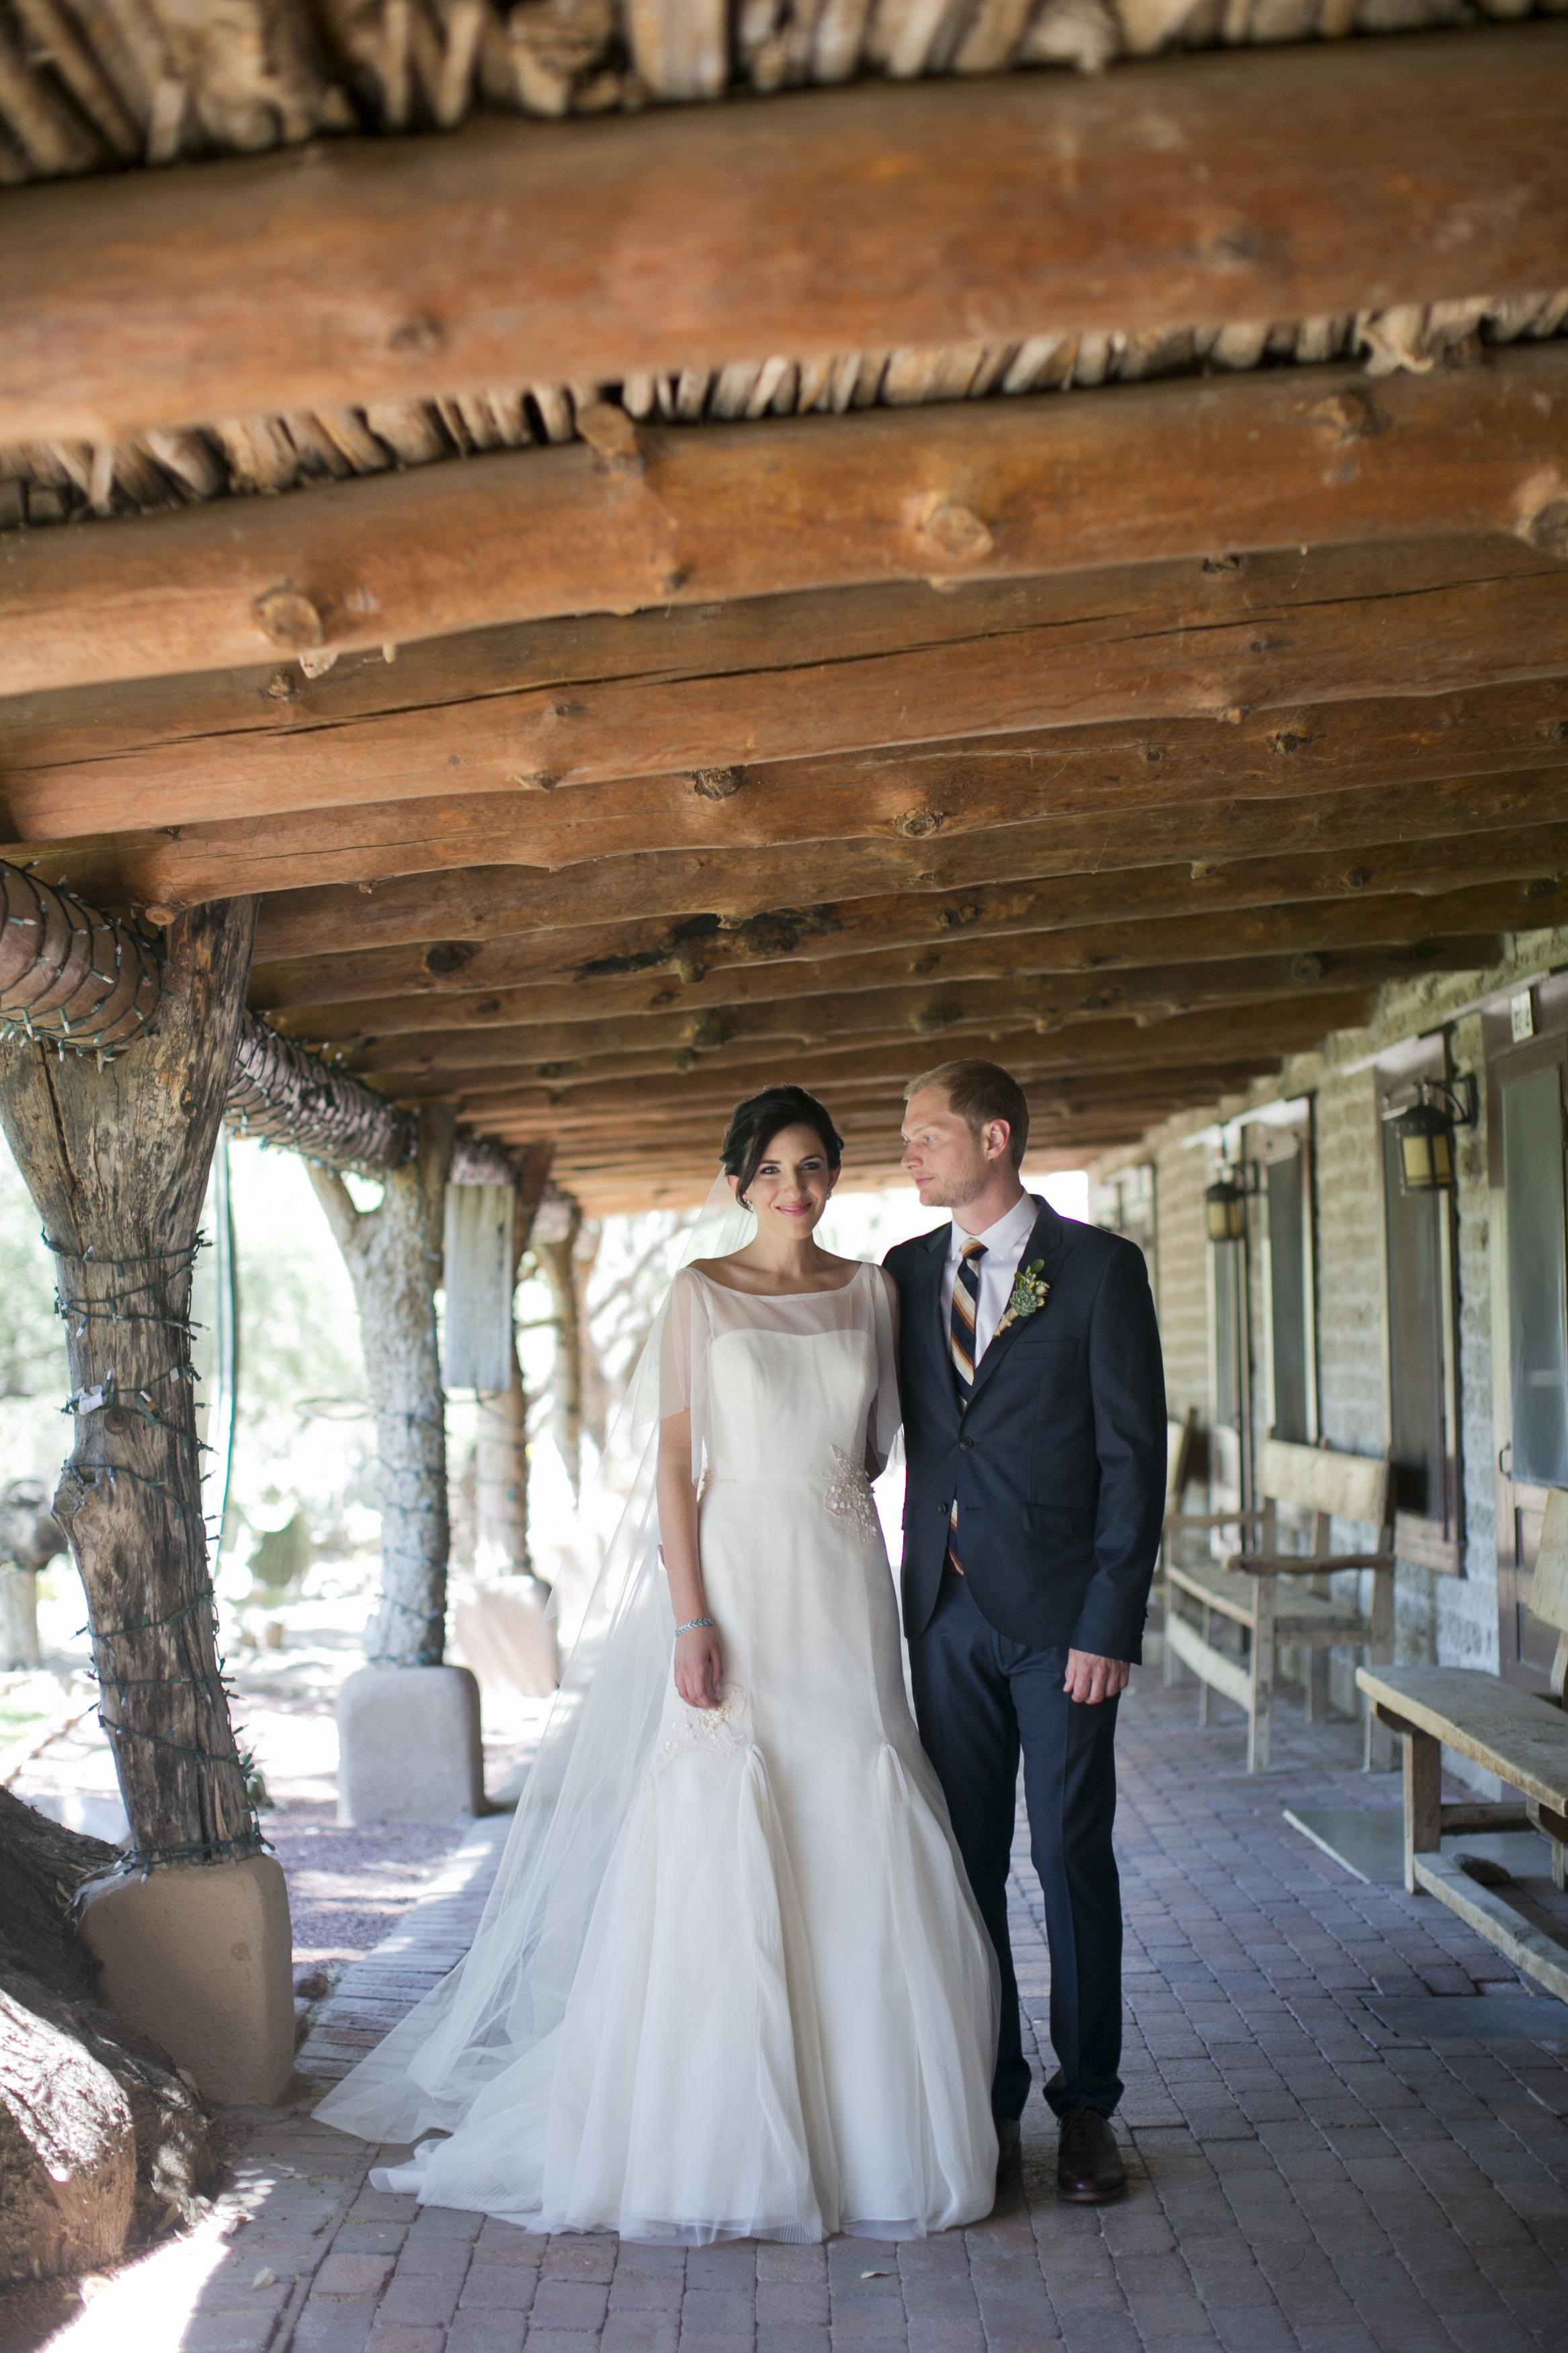 Ceci_New_York_Ceci_Style_Ceci_Johnson_Luxury_Lifestyle_Arizona_Wedding_Watercolor_Inspiration_Design_Custom_Couture_Personalized_Invitations_40.jpg